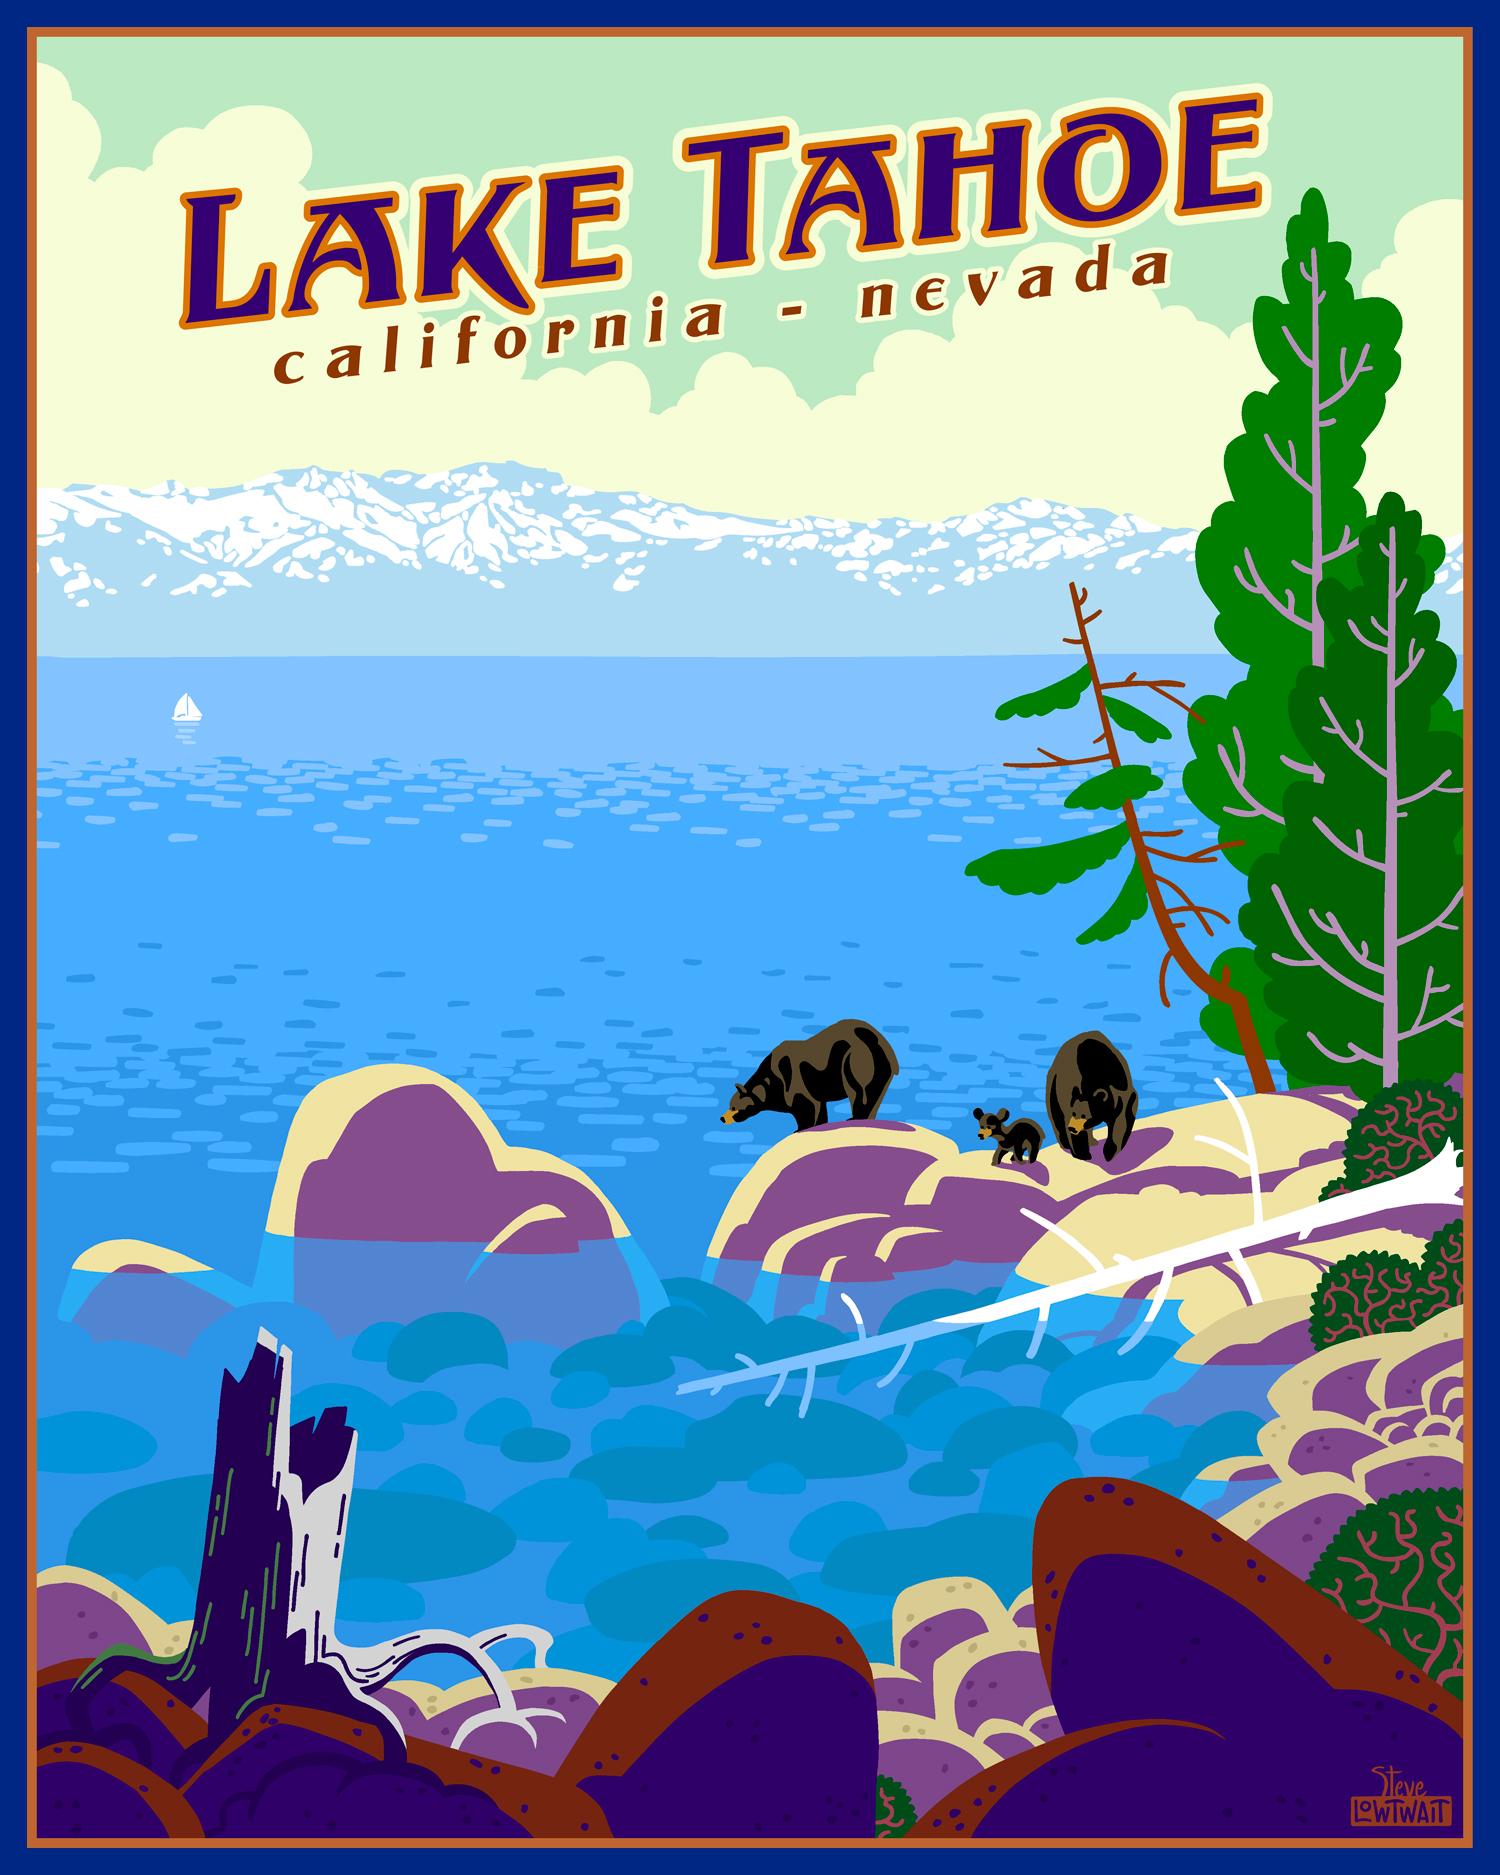 Lake Tahoe, California - Nevada •  Buy